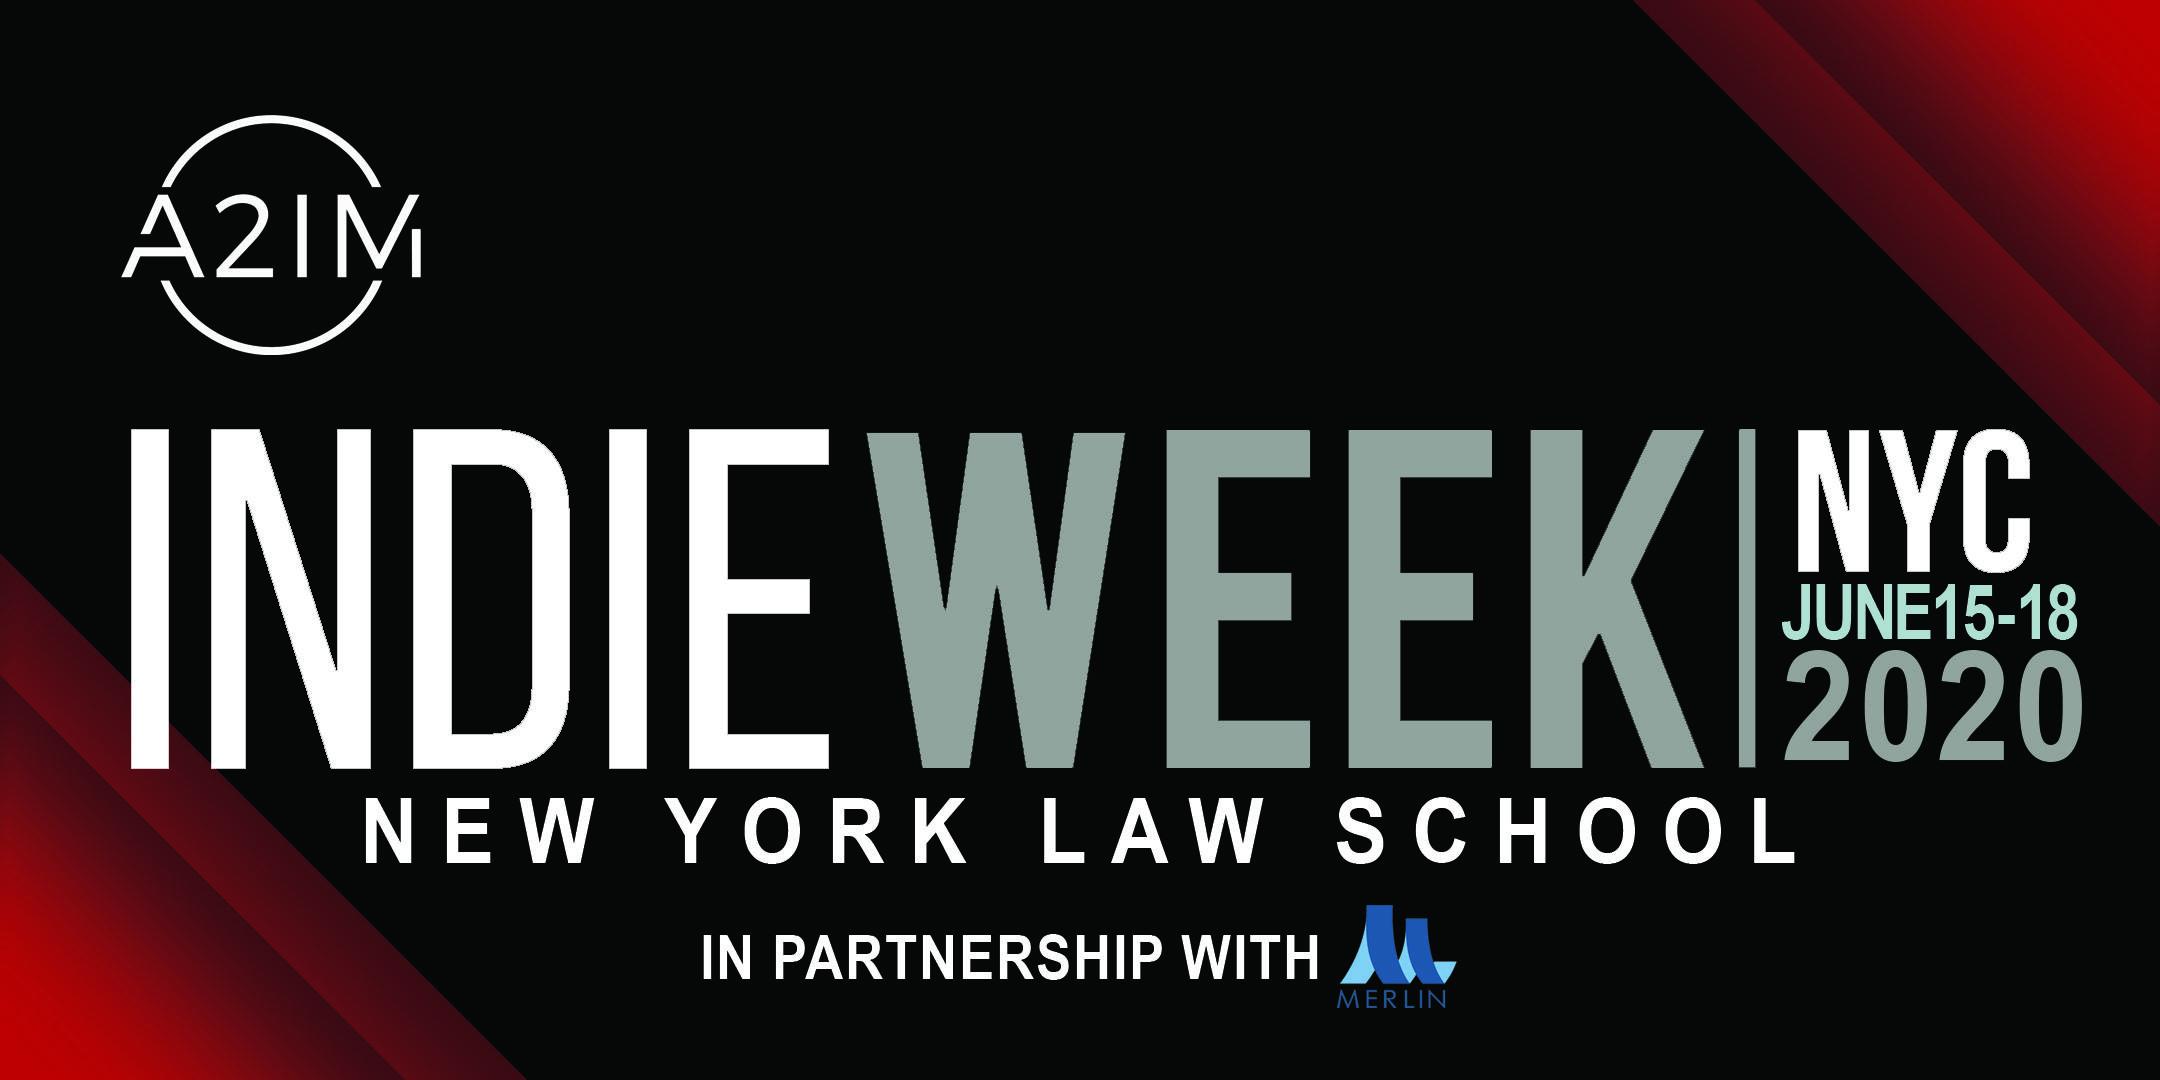 2020 A2IM Indie Week